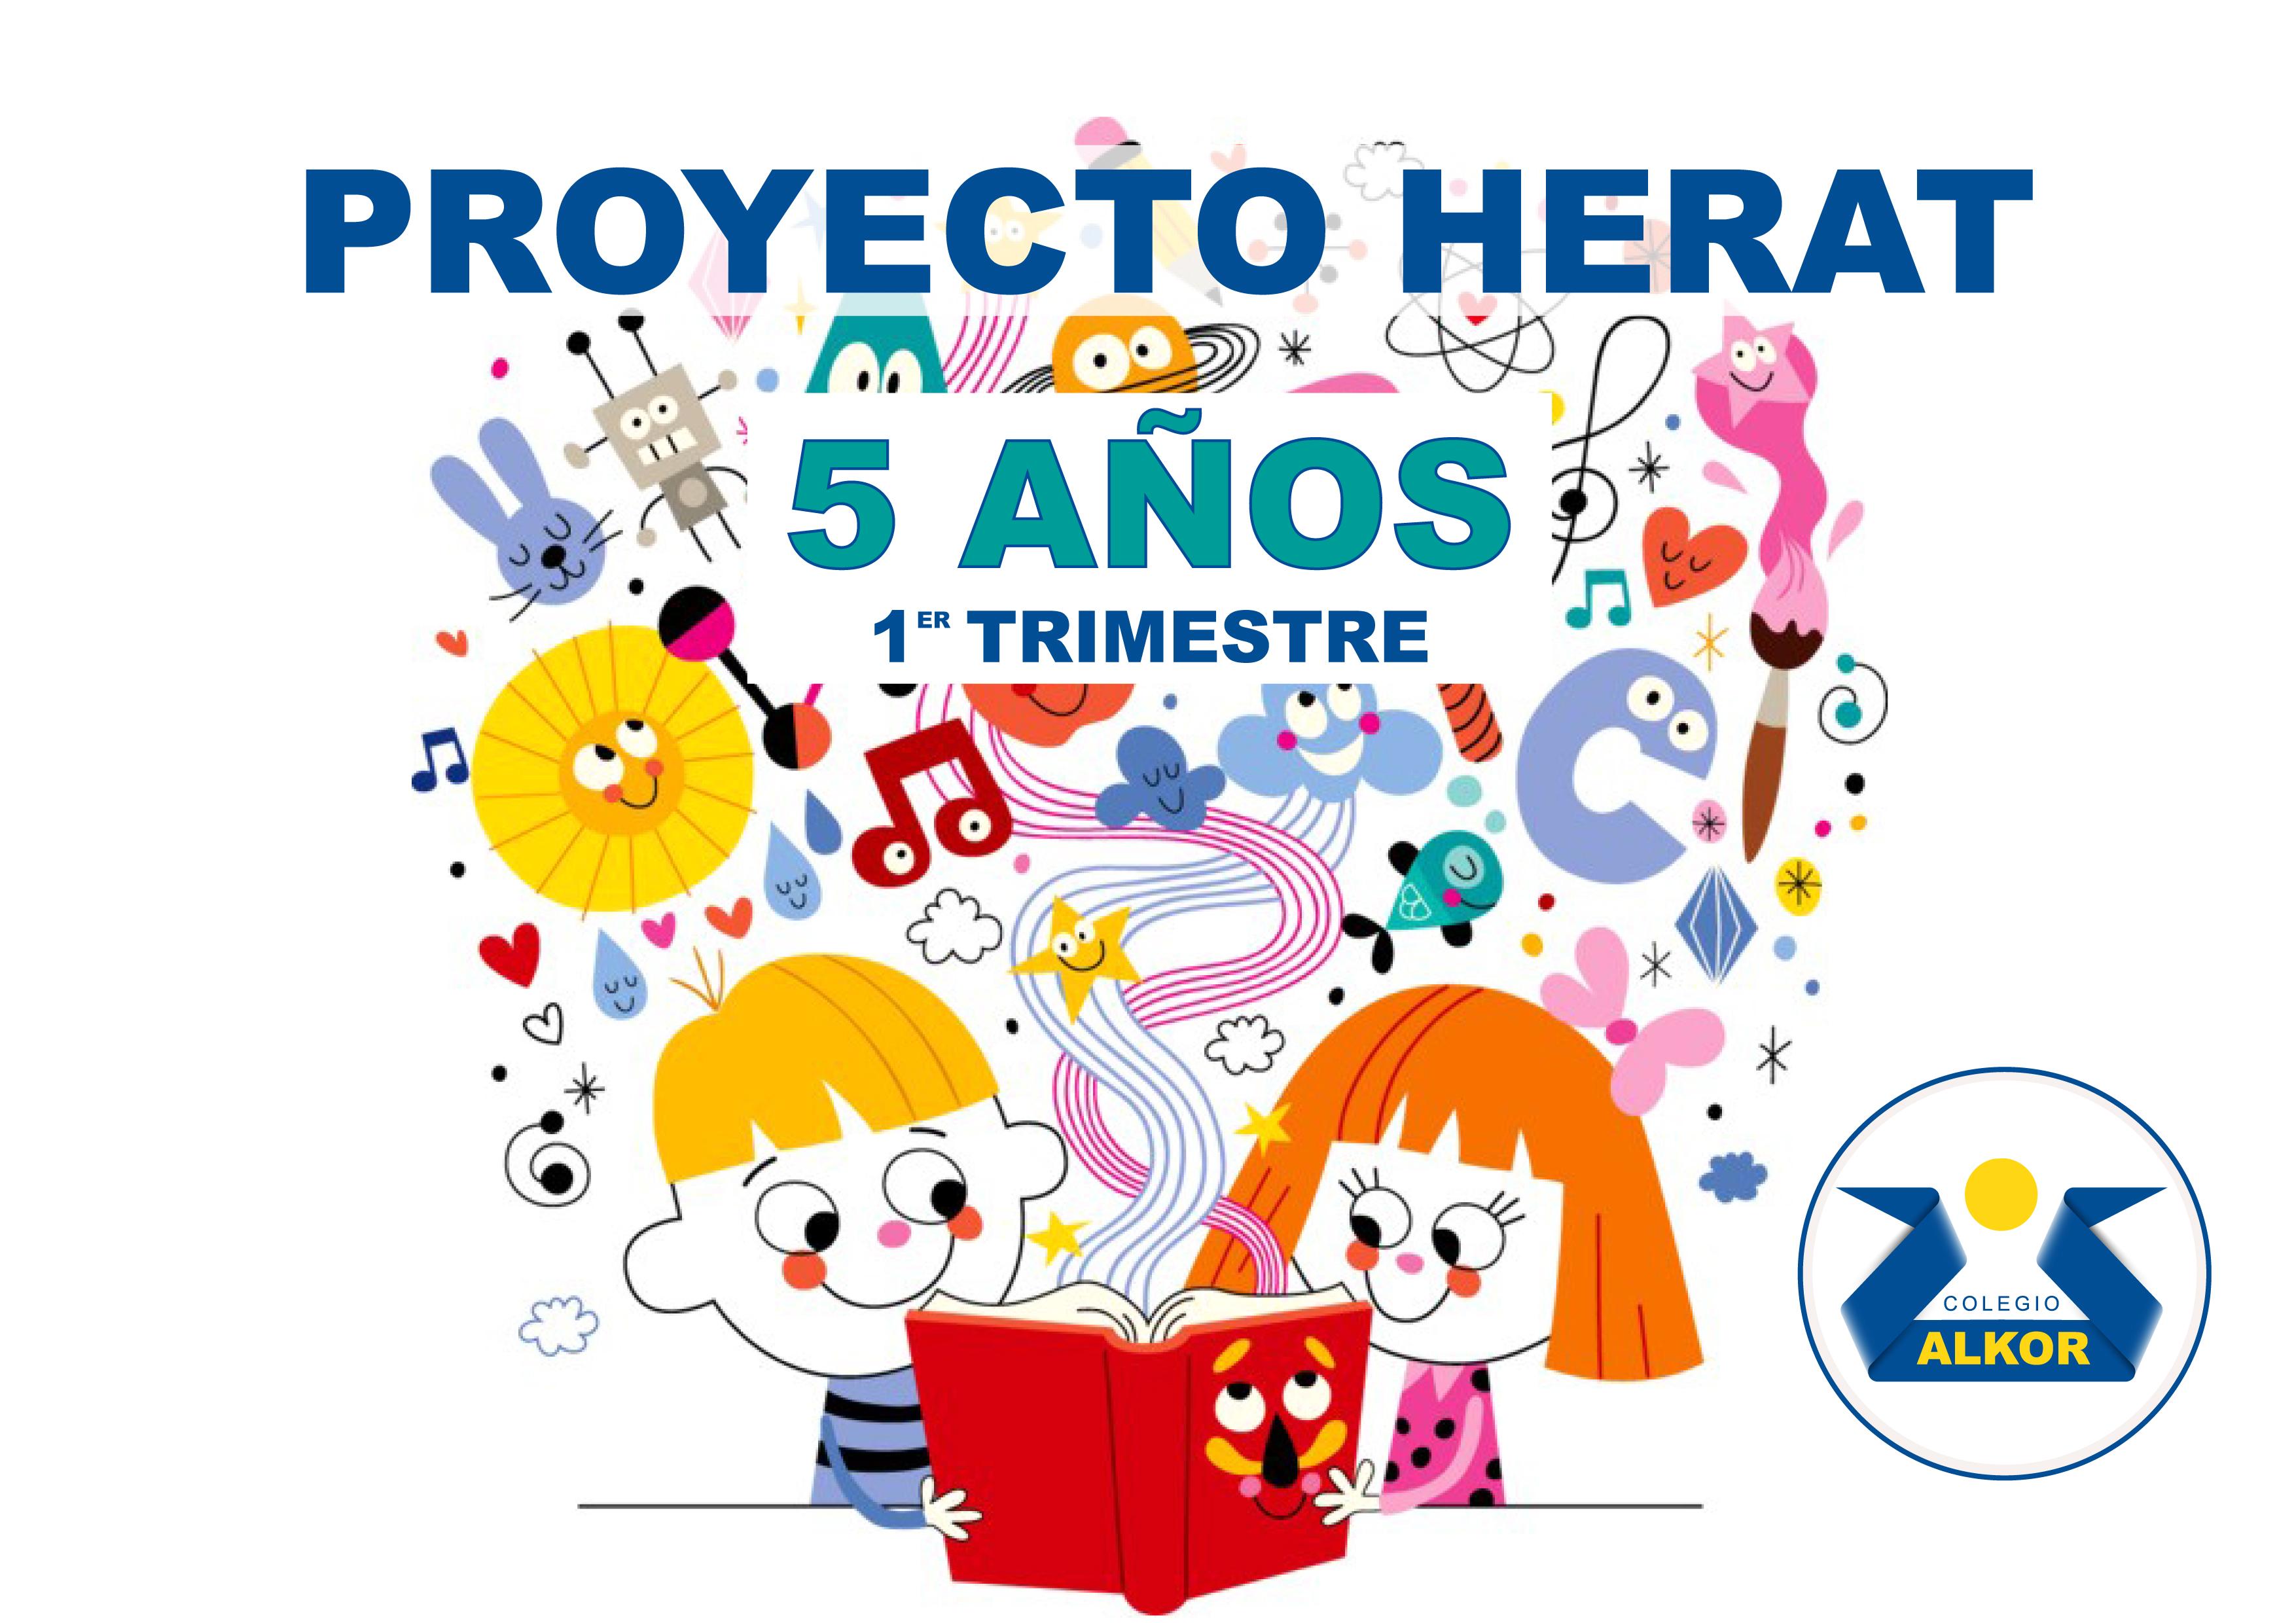 HERAT PRIMER TRIMESTRE 5 AÑOS